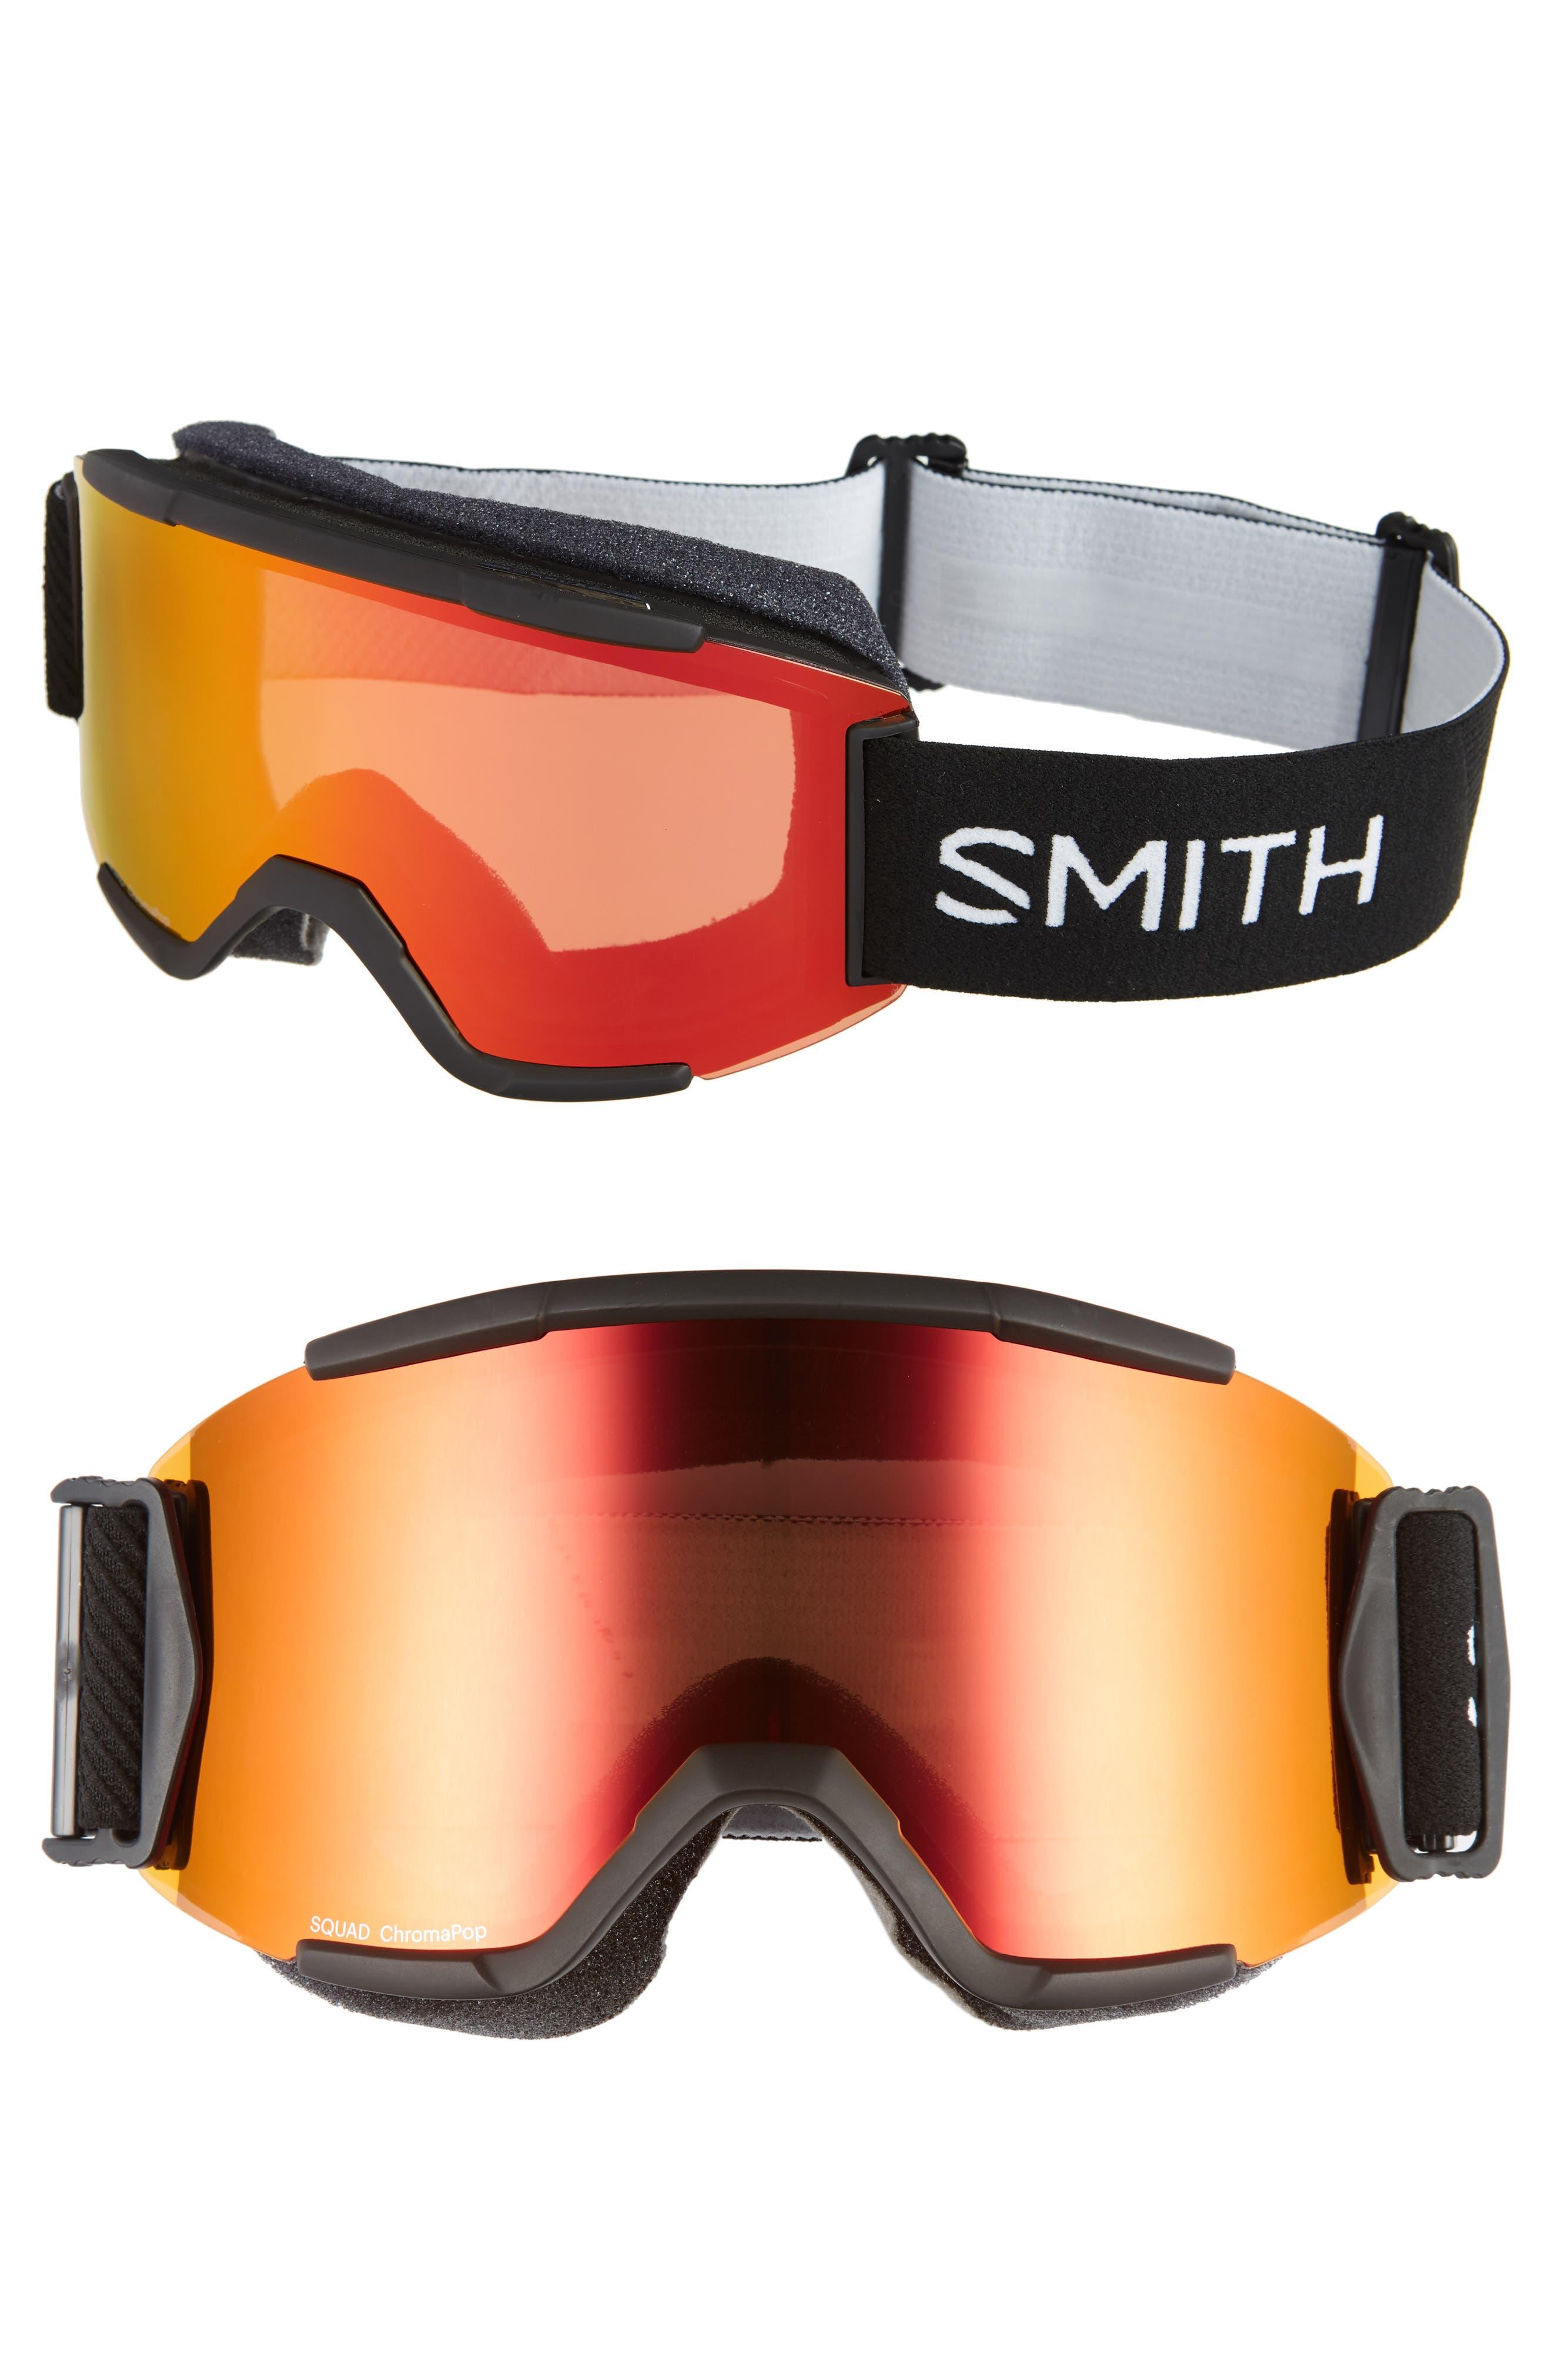 Squad Chromapop 165mm Snow Goggles,                             Main thumbnail 1, color,                             BLACK